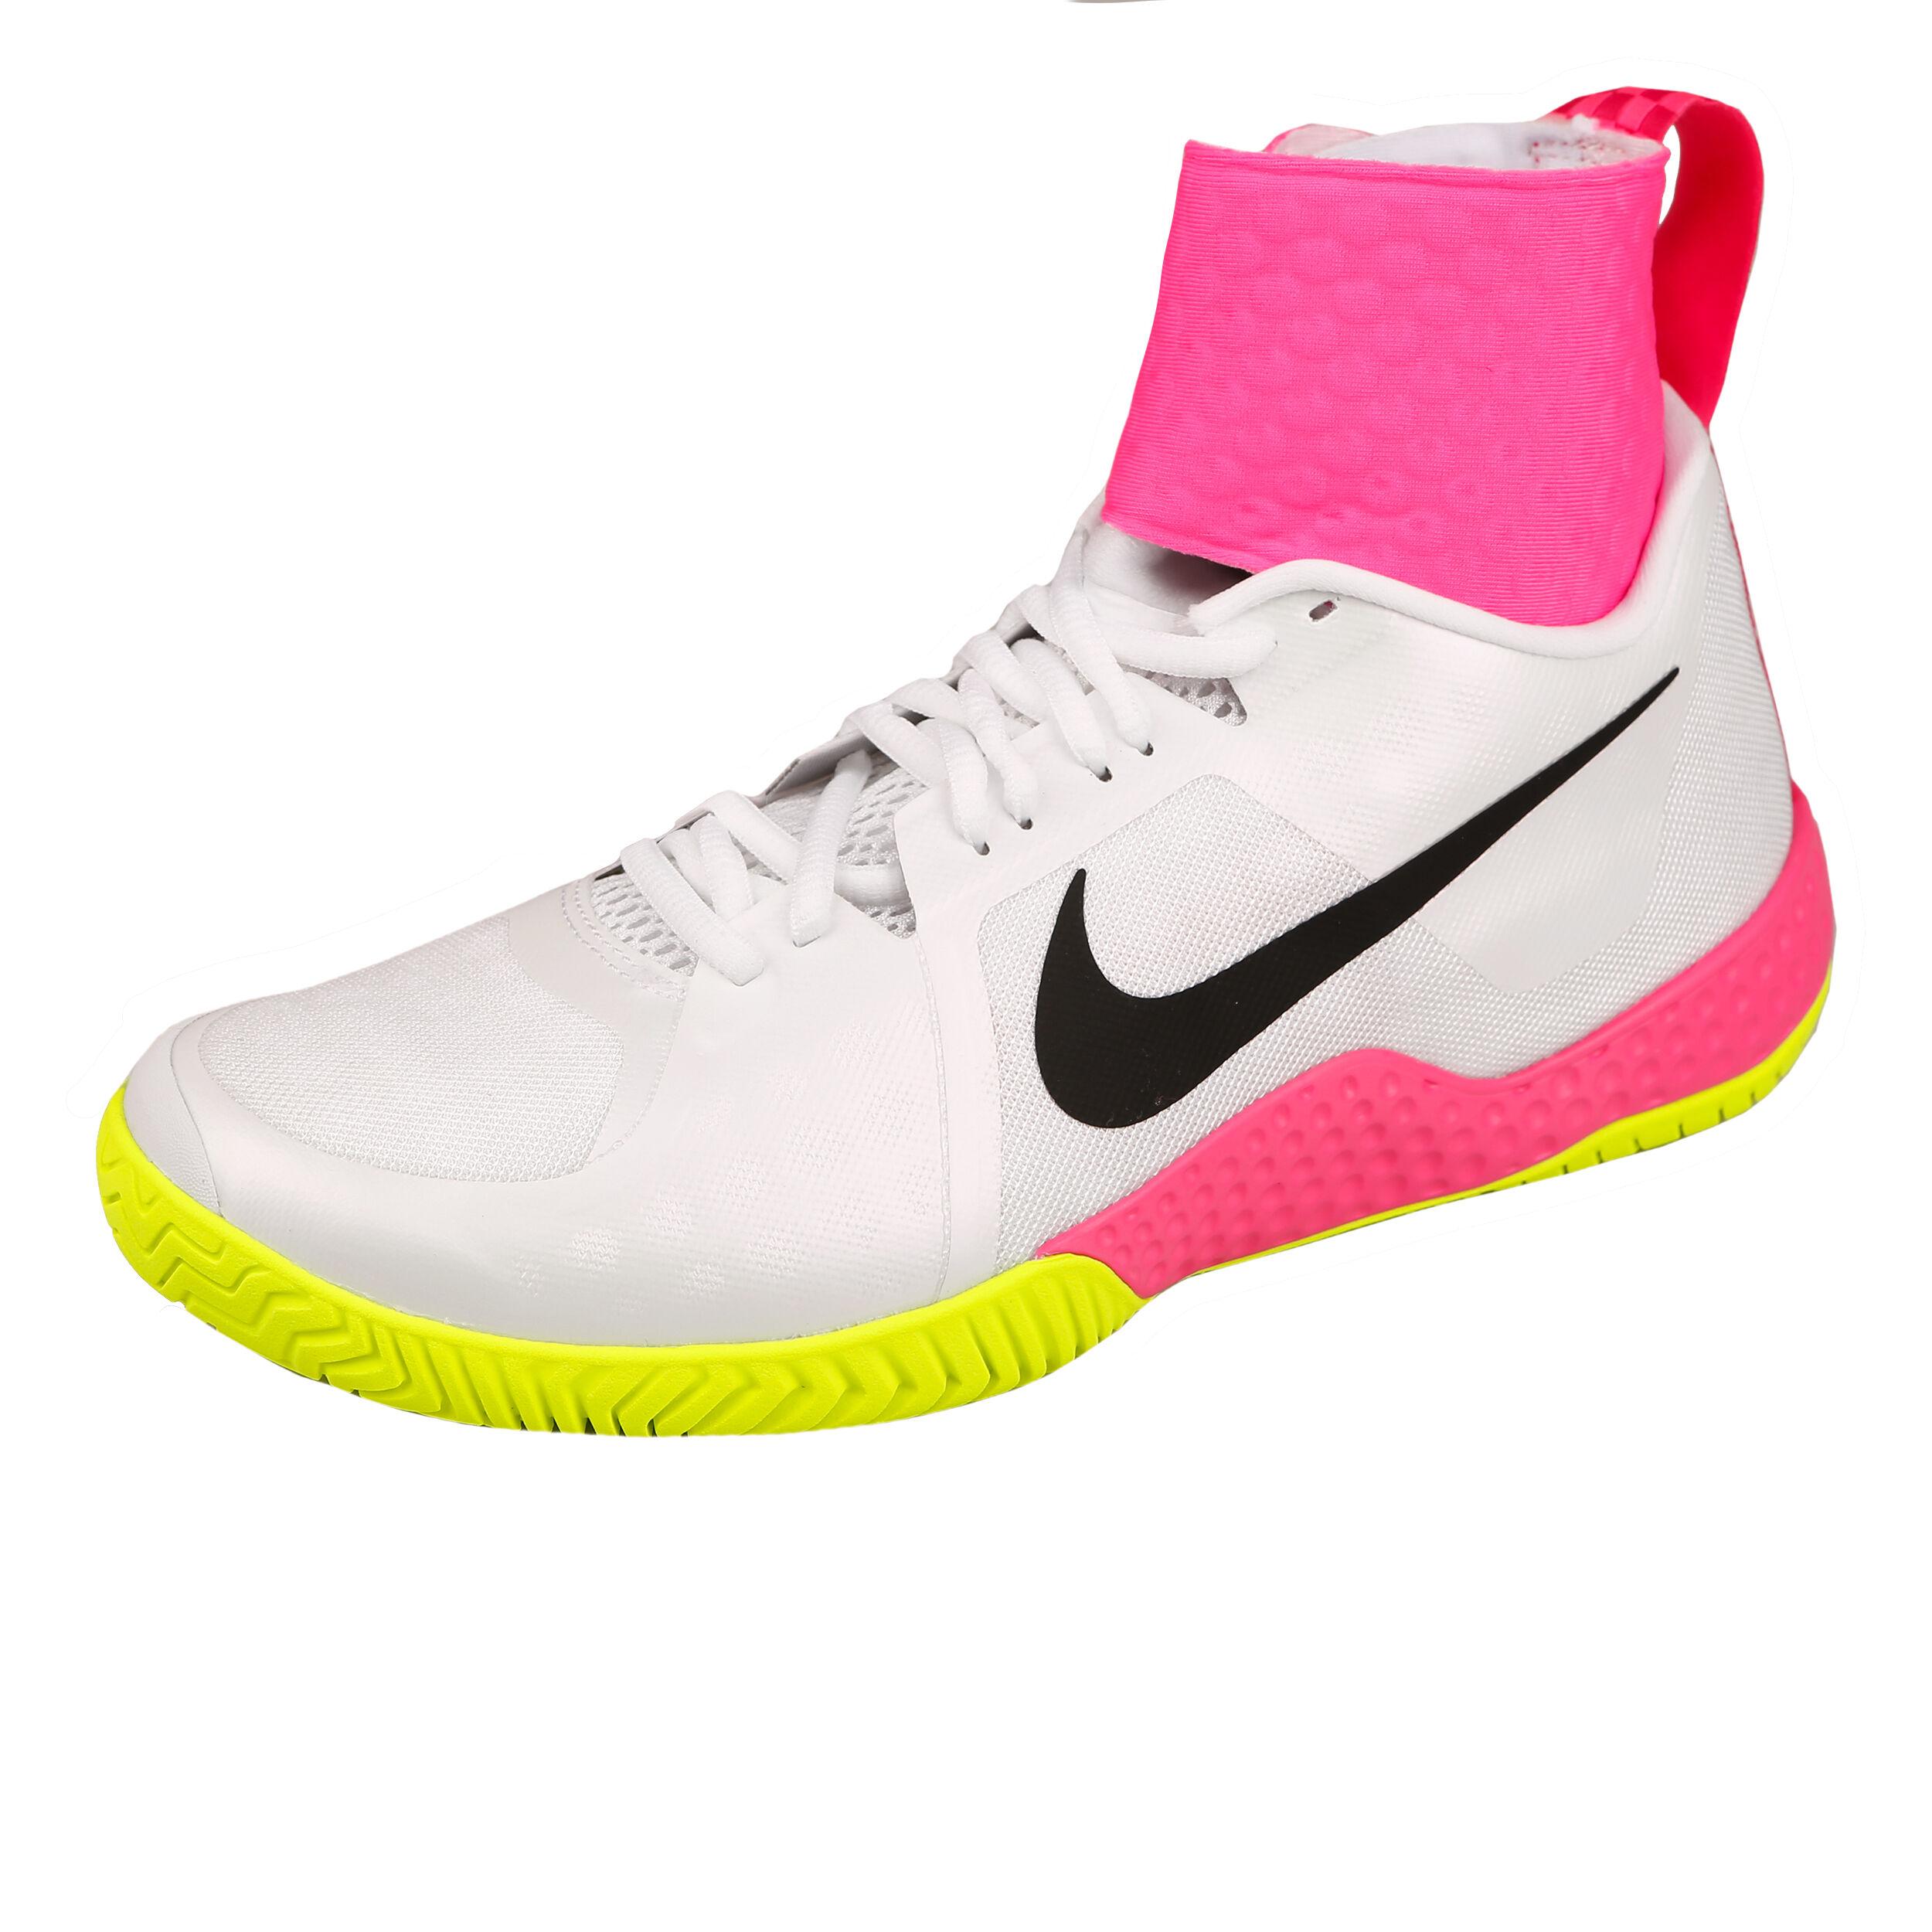 Nike Flare Allcourt sko Damer Hvid, Sort